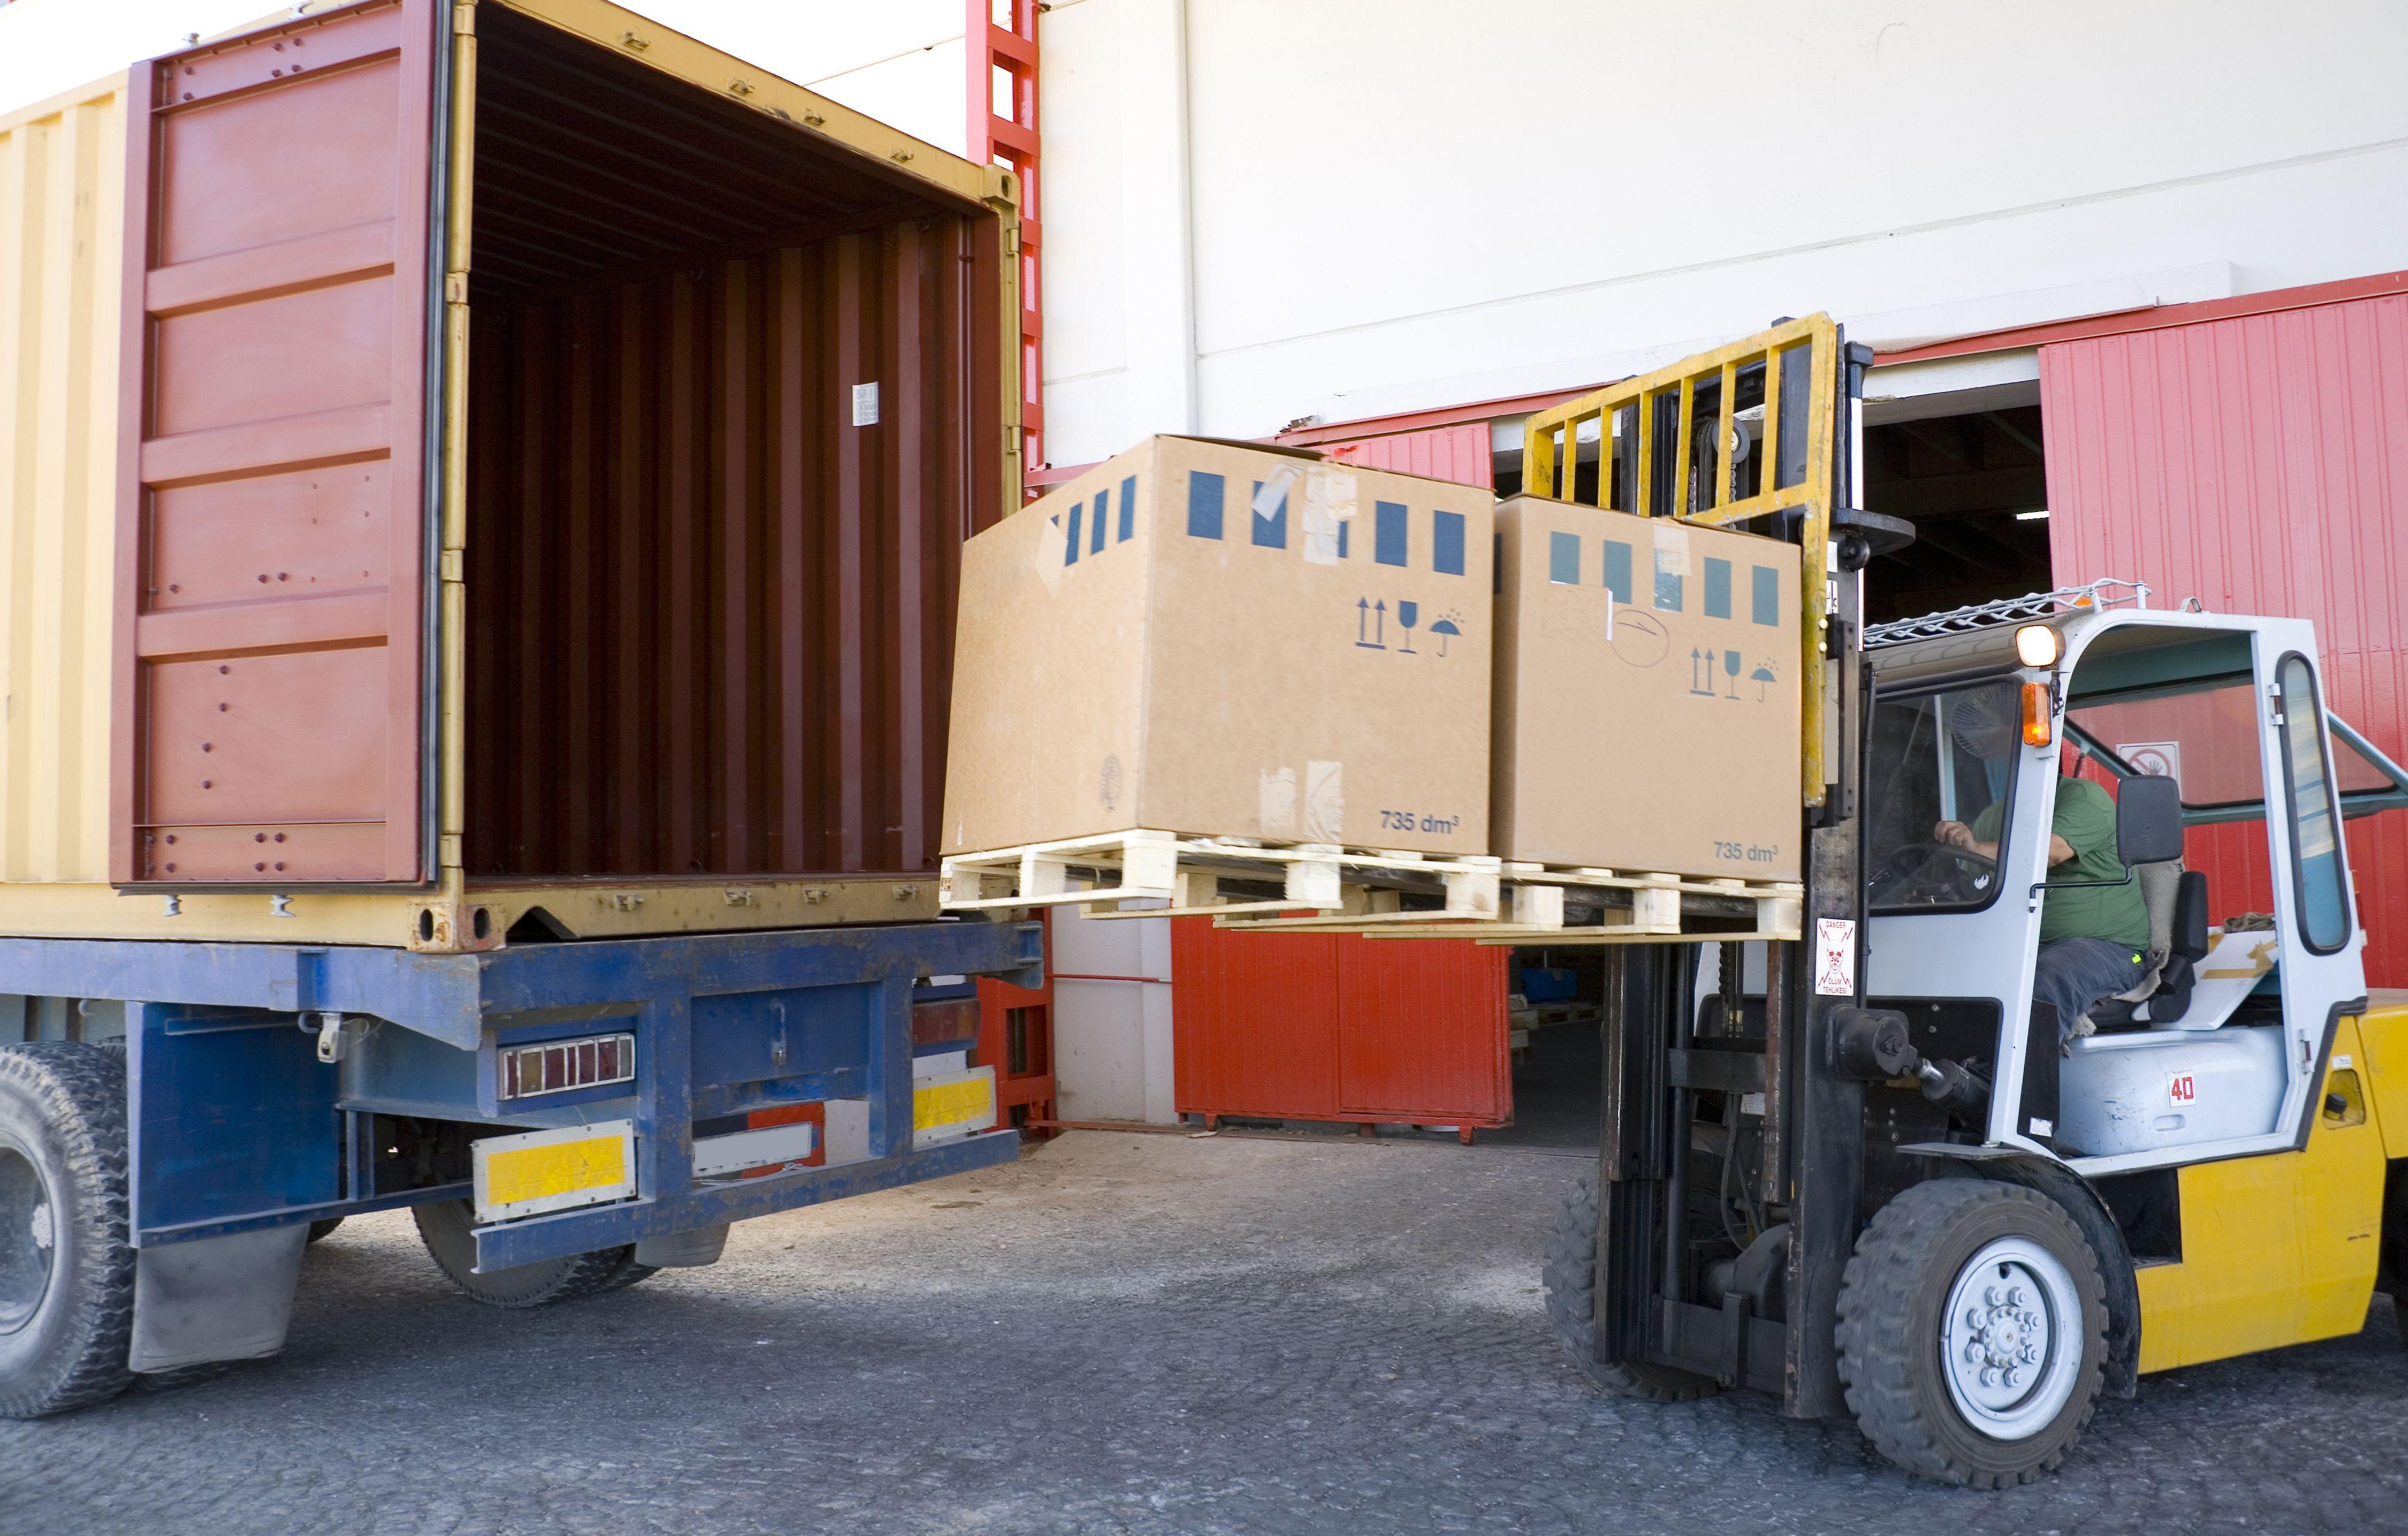 Transporte de mercancías nacionales e internacionales: Servicios de Mudanzas Nicolás